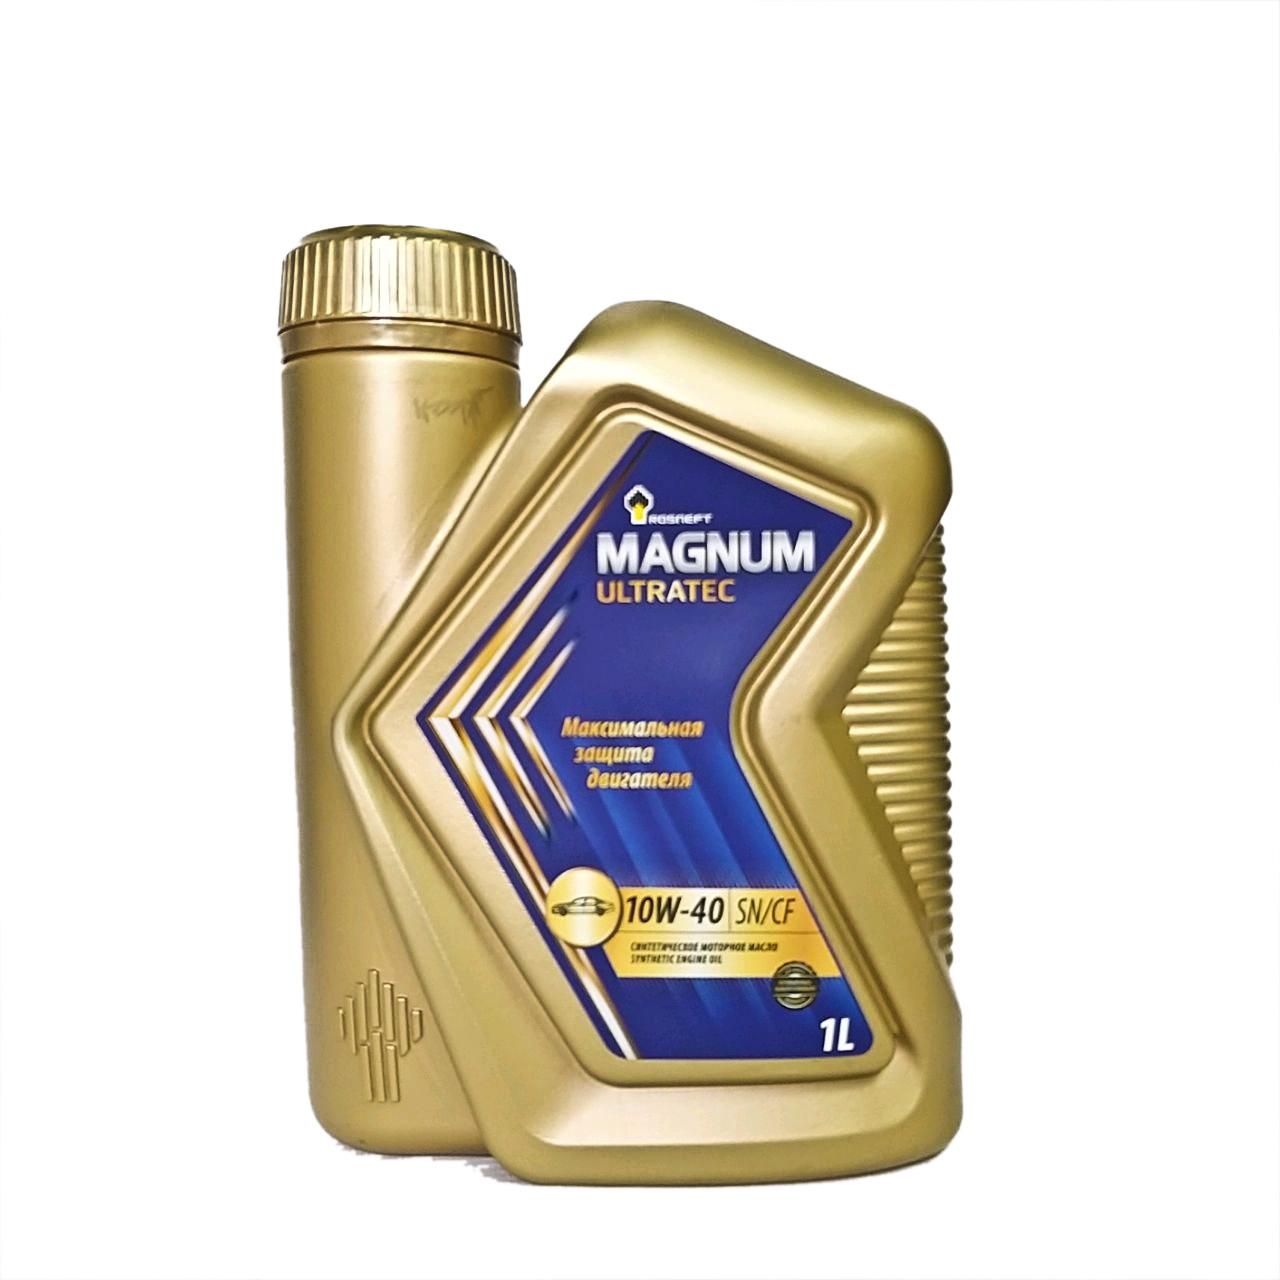 Rosneft Magnum Ultratec 10w-40 (SN/CF) 1L.